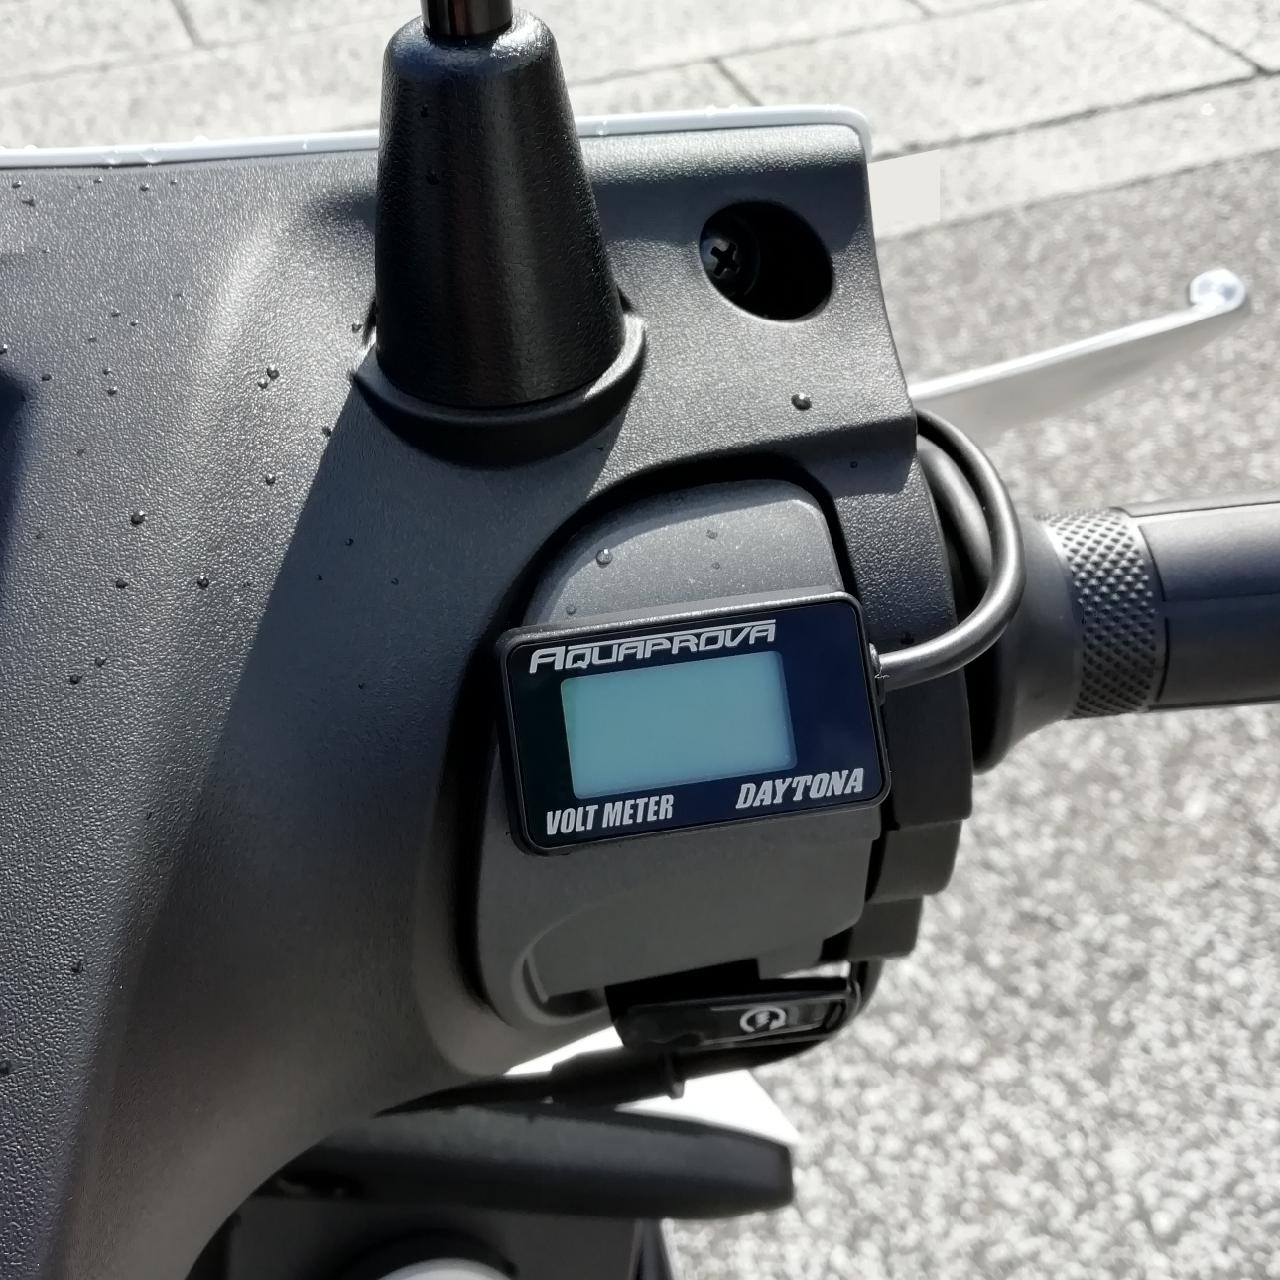 DAYTONA(バイク) AQUAPROVA コンパクトボルトメーター